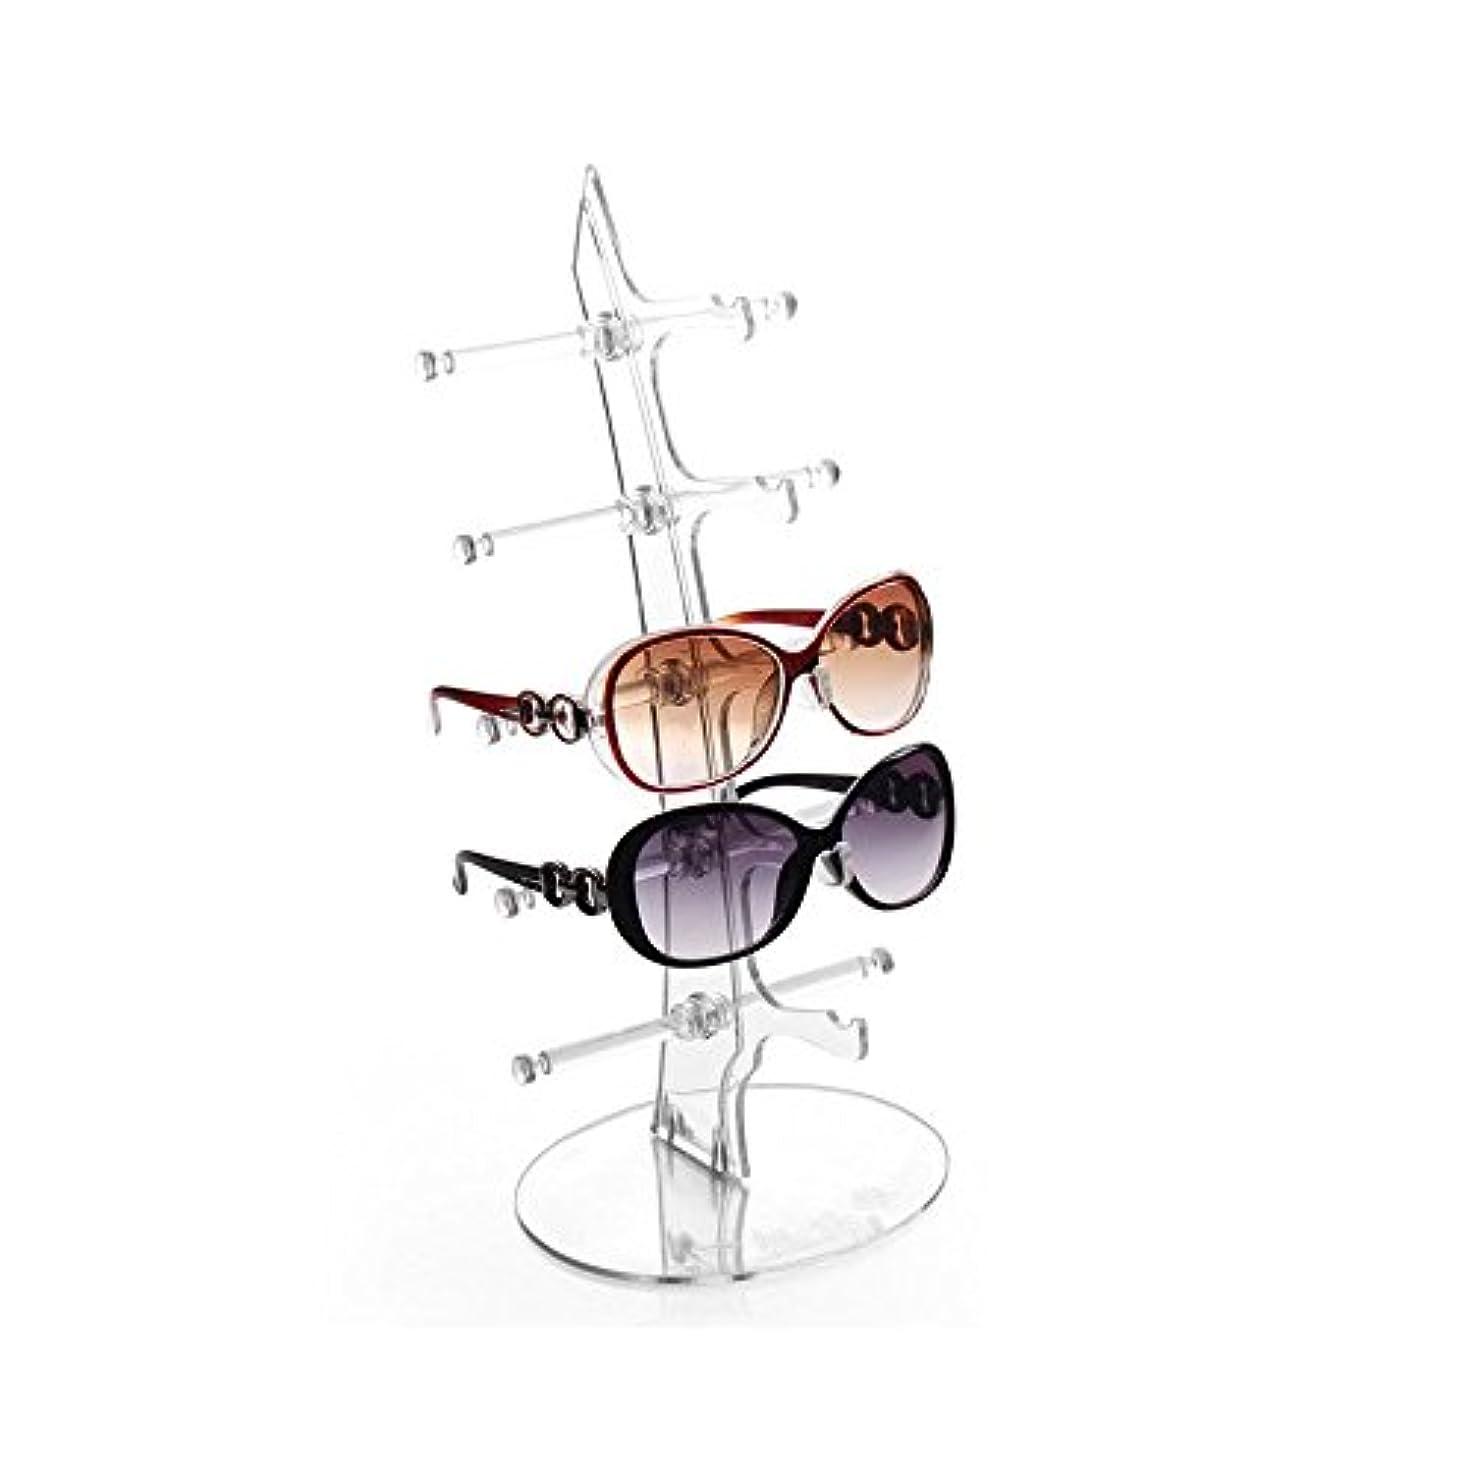 お母さんパラメータ切るHongch 眼鏡 デイリー用ディスプレイスタンド サングラスホルダーラック 眼鏡